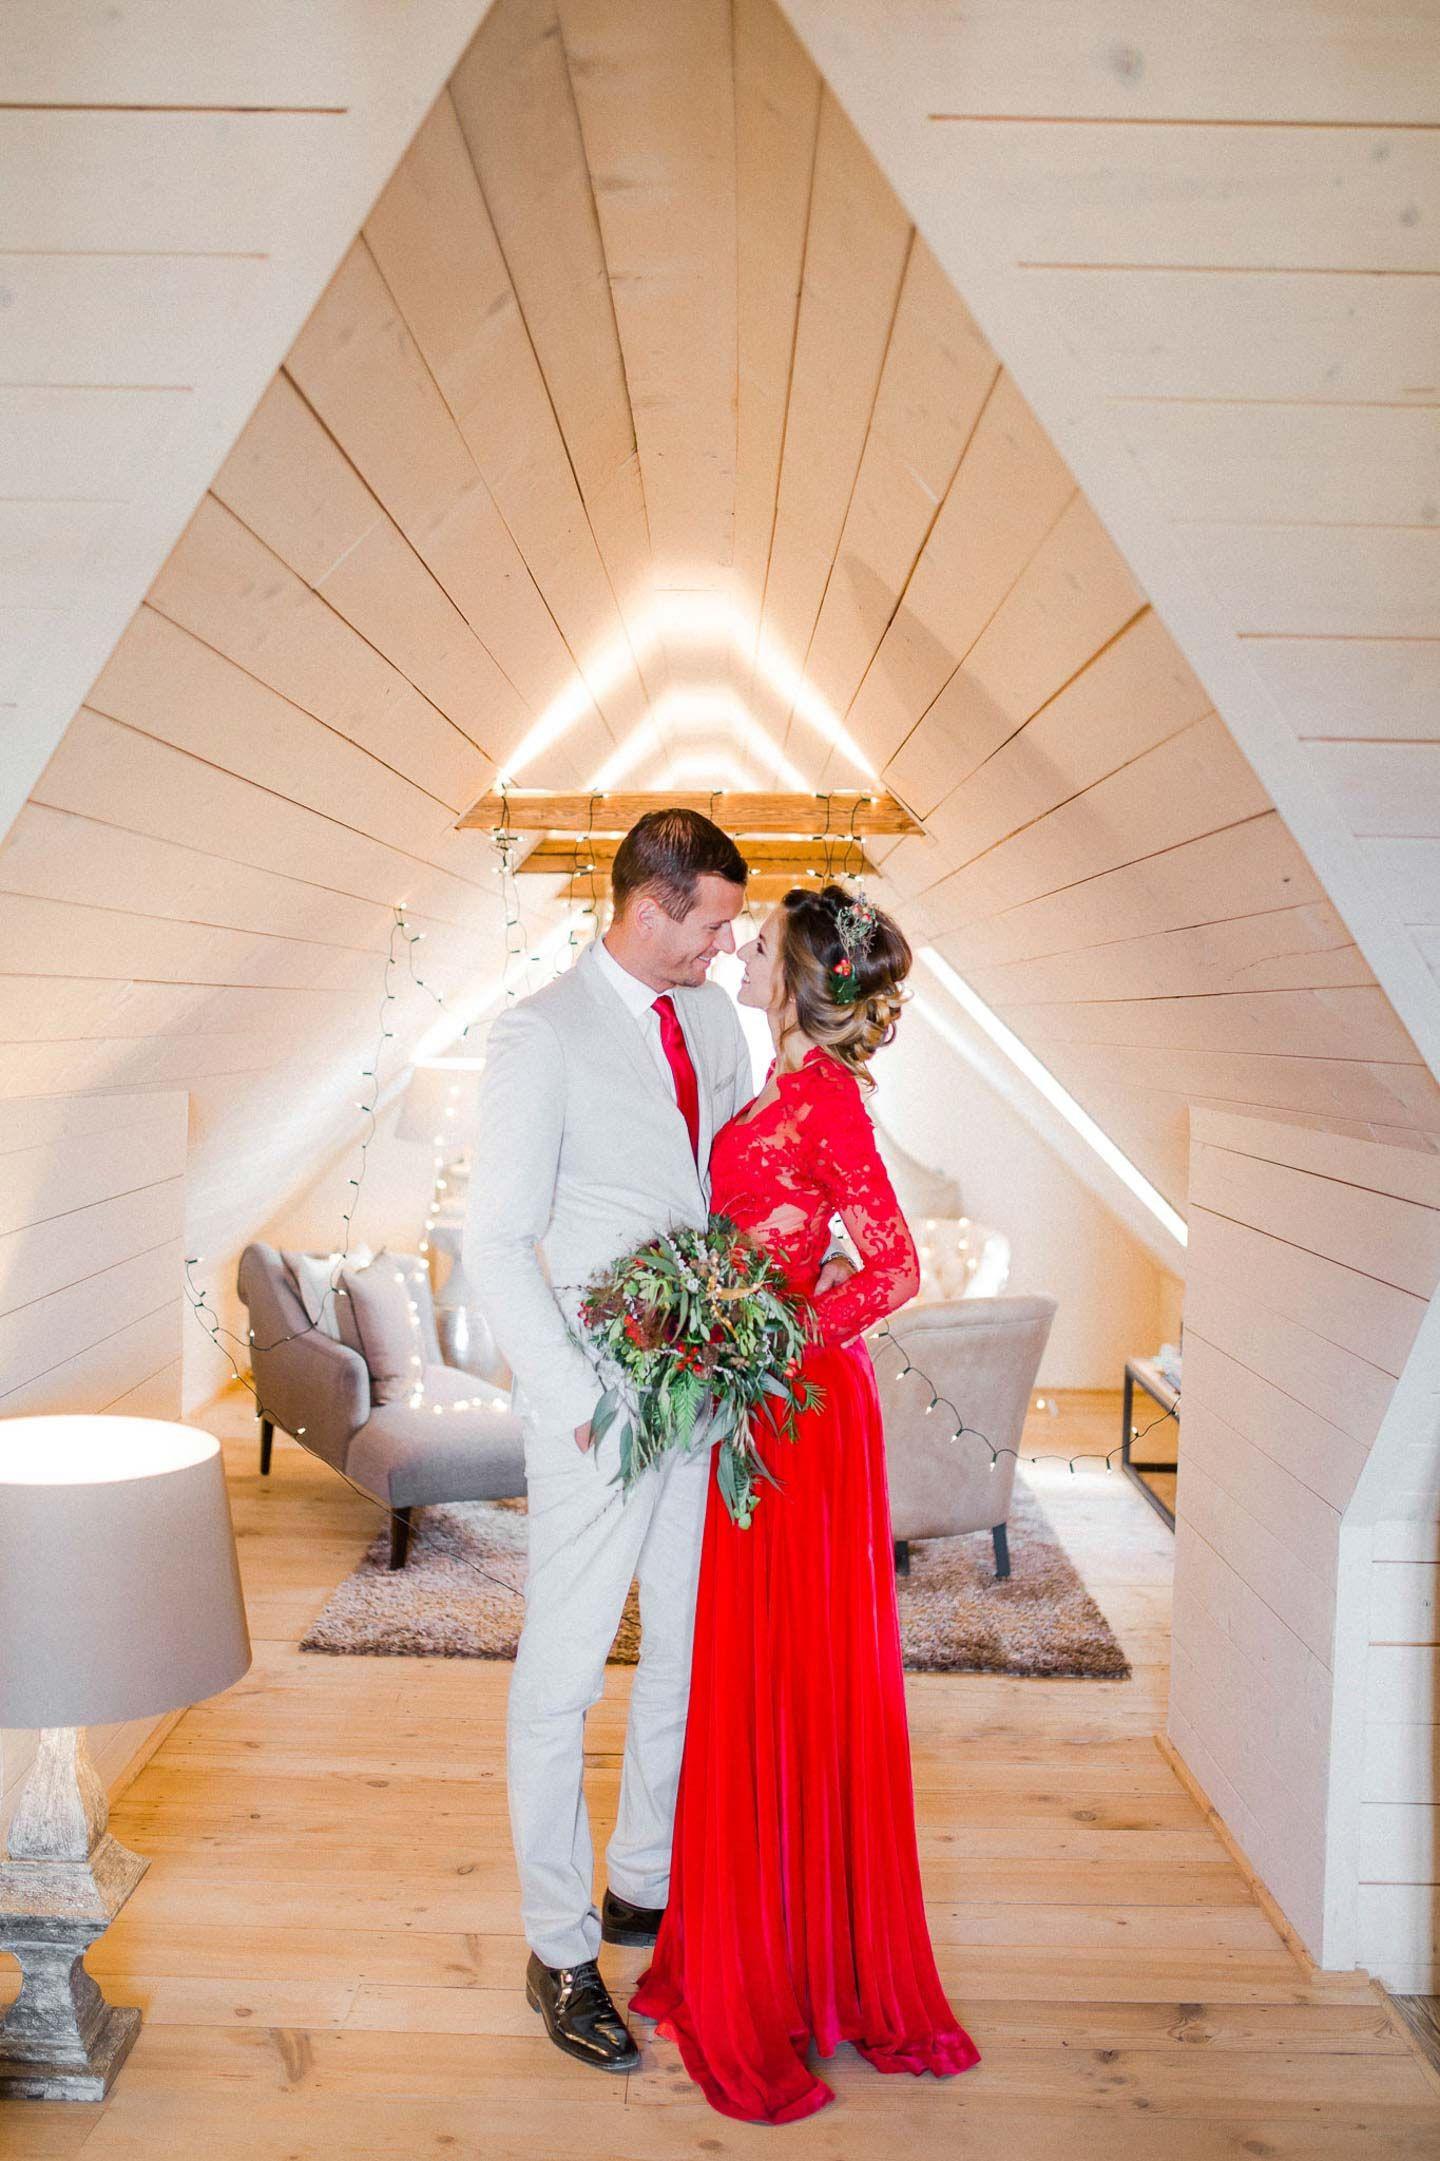 Miriam | Rote Hochzeitskleider, Rote Hochzeit, Hochzeit